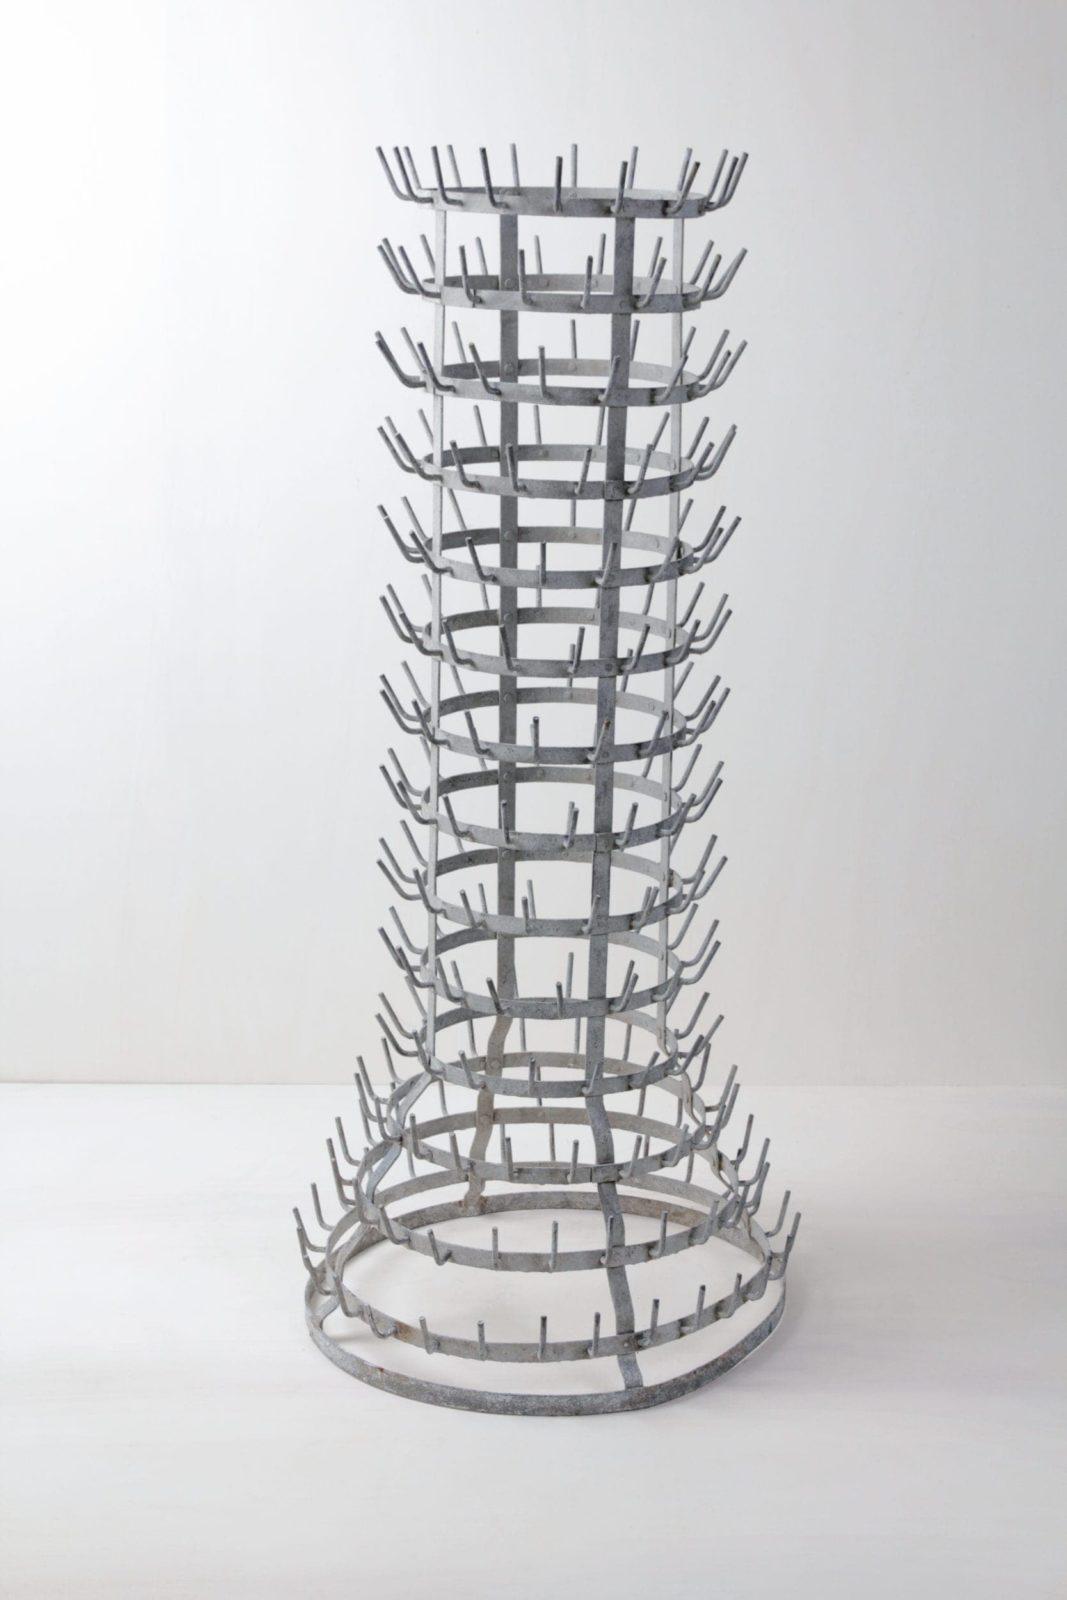 Französischer Flaschentrockner Gaspar | Vintage Flaschentrockner, eignet sich perfekt als Dekorationselement für Blumen, als Platzkartenbaum, Bierkrughalter oder für Lichtinstallationen. | gotvintage Rental & Event Design